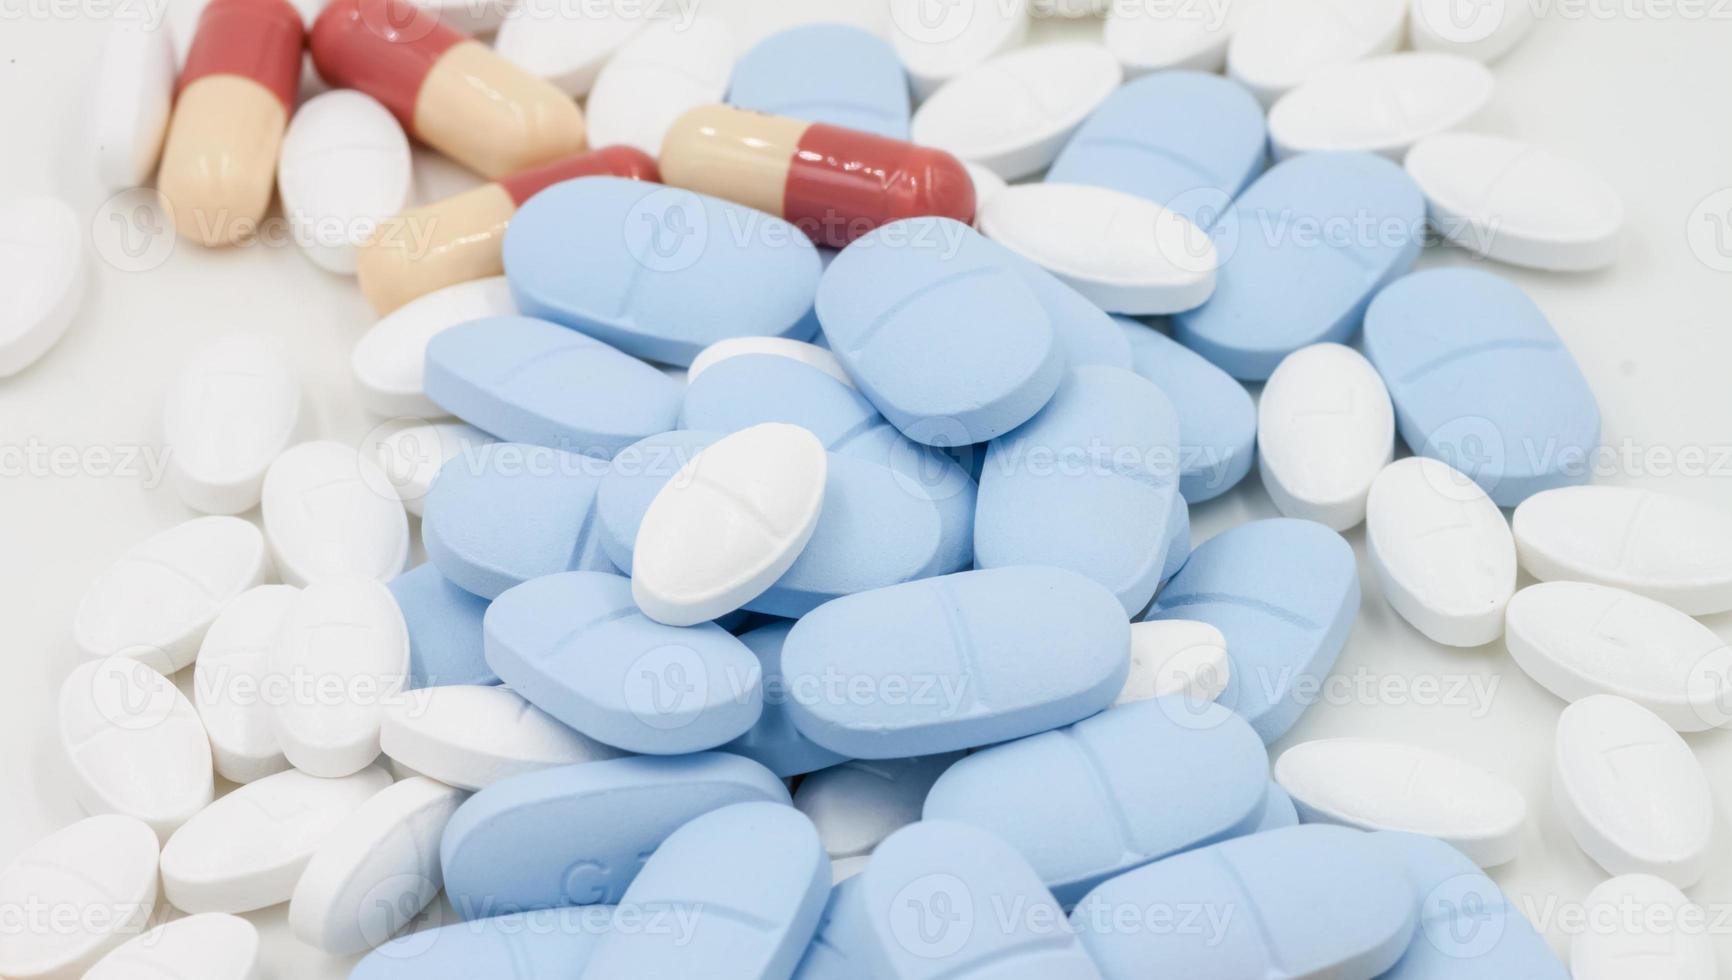 Tabletten Apotheke Medizin Medizin foto